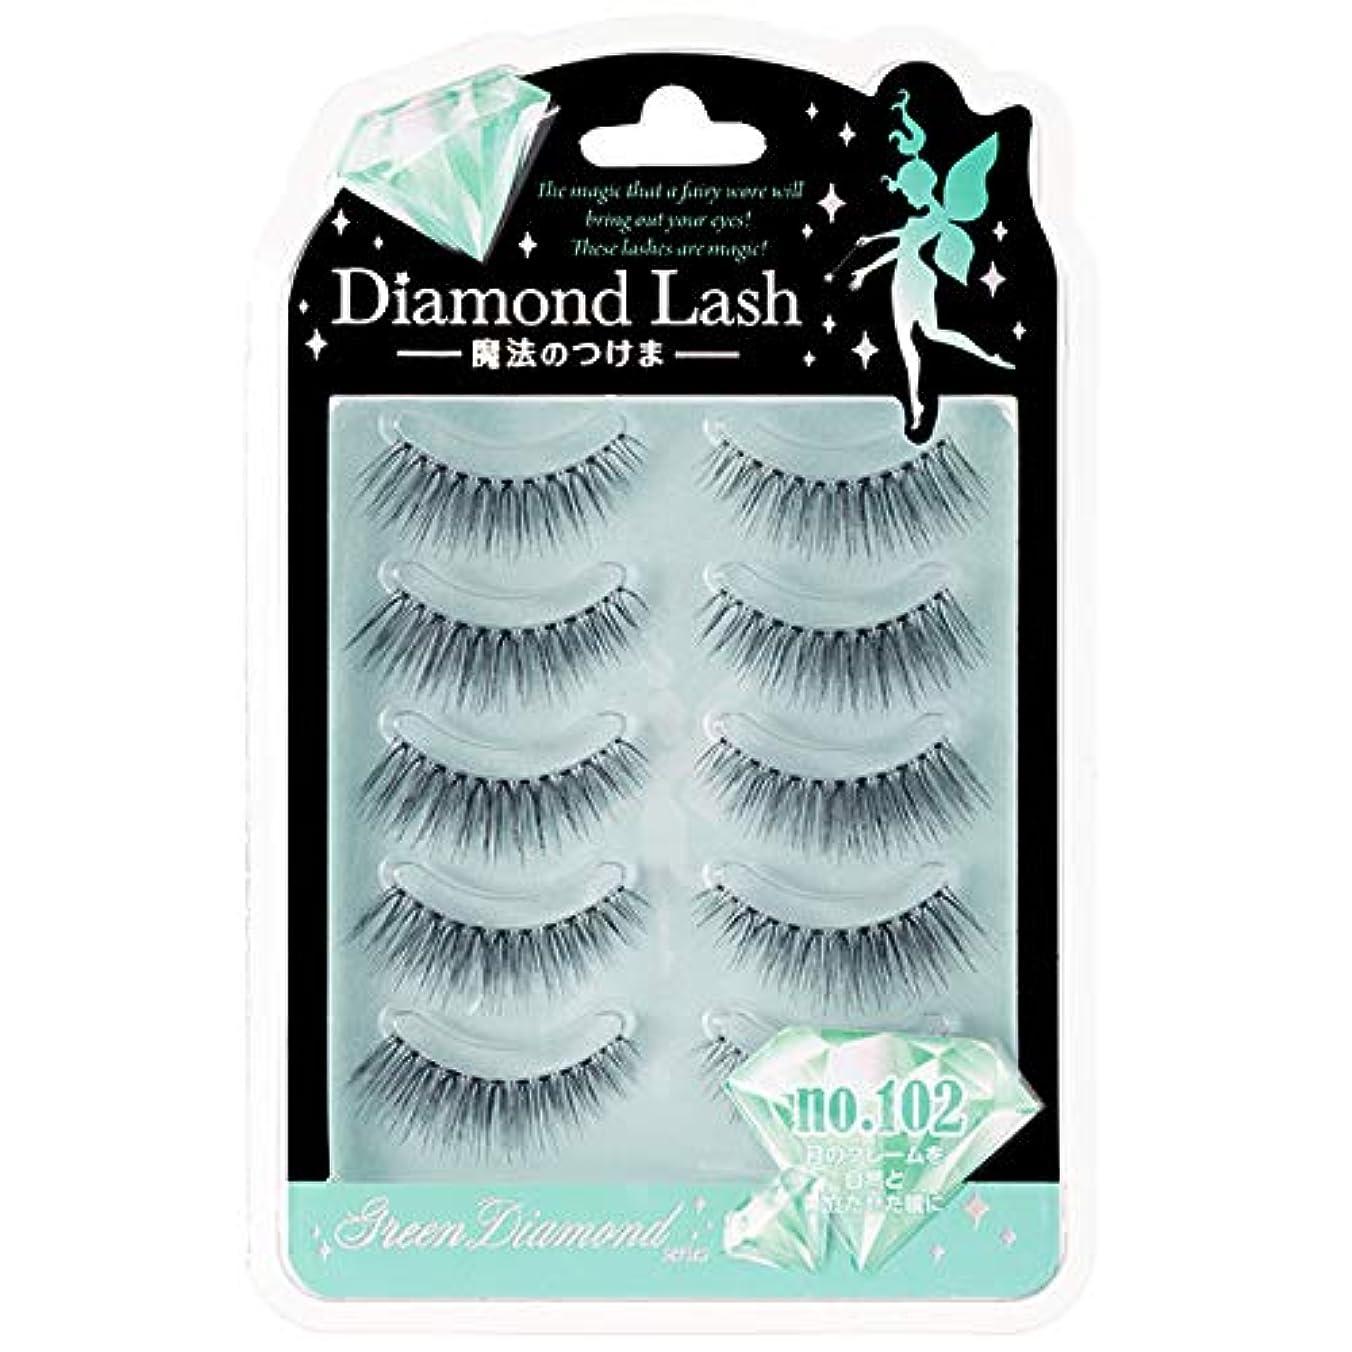 Diamond Lash(ダイヤモンドラッシュ) グリーン no.102 5ペア